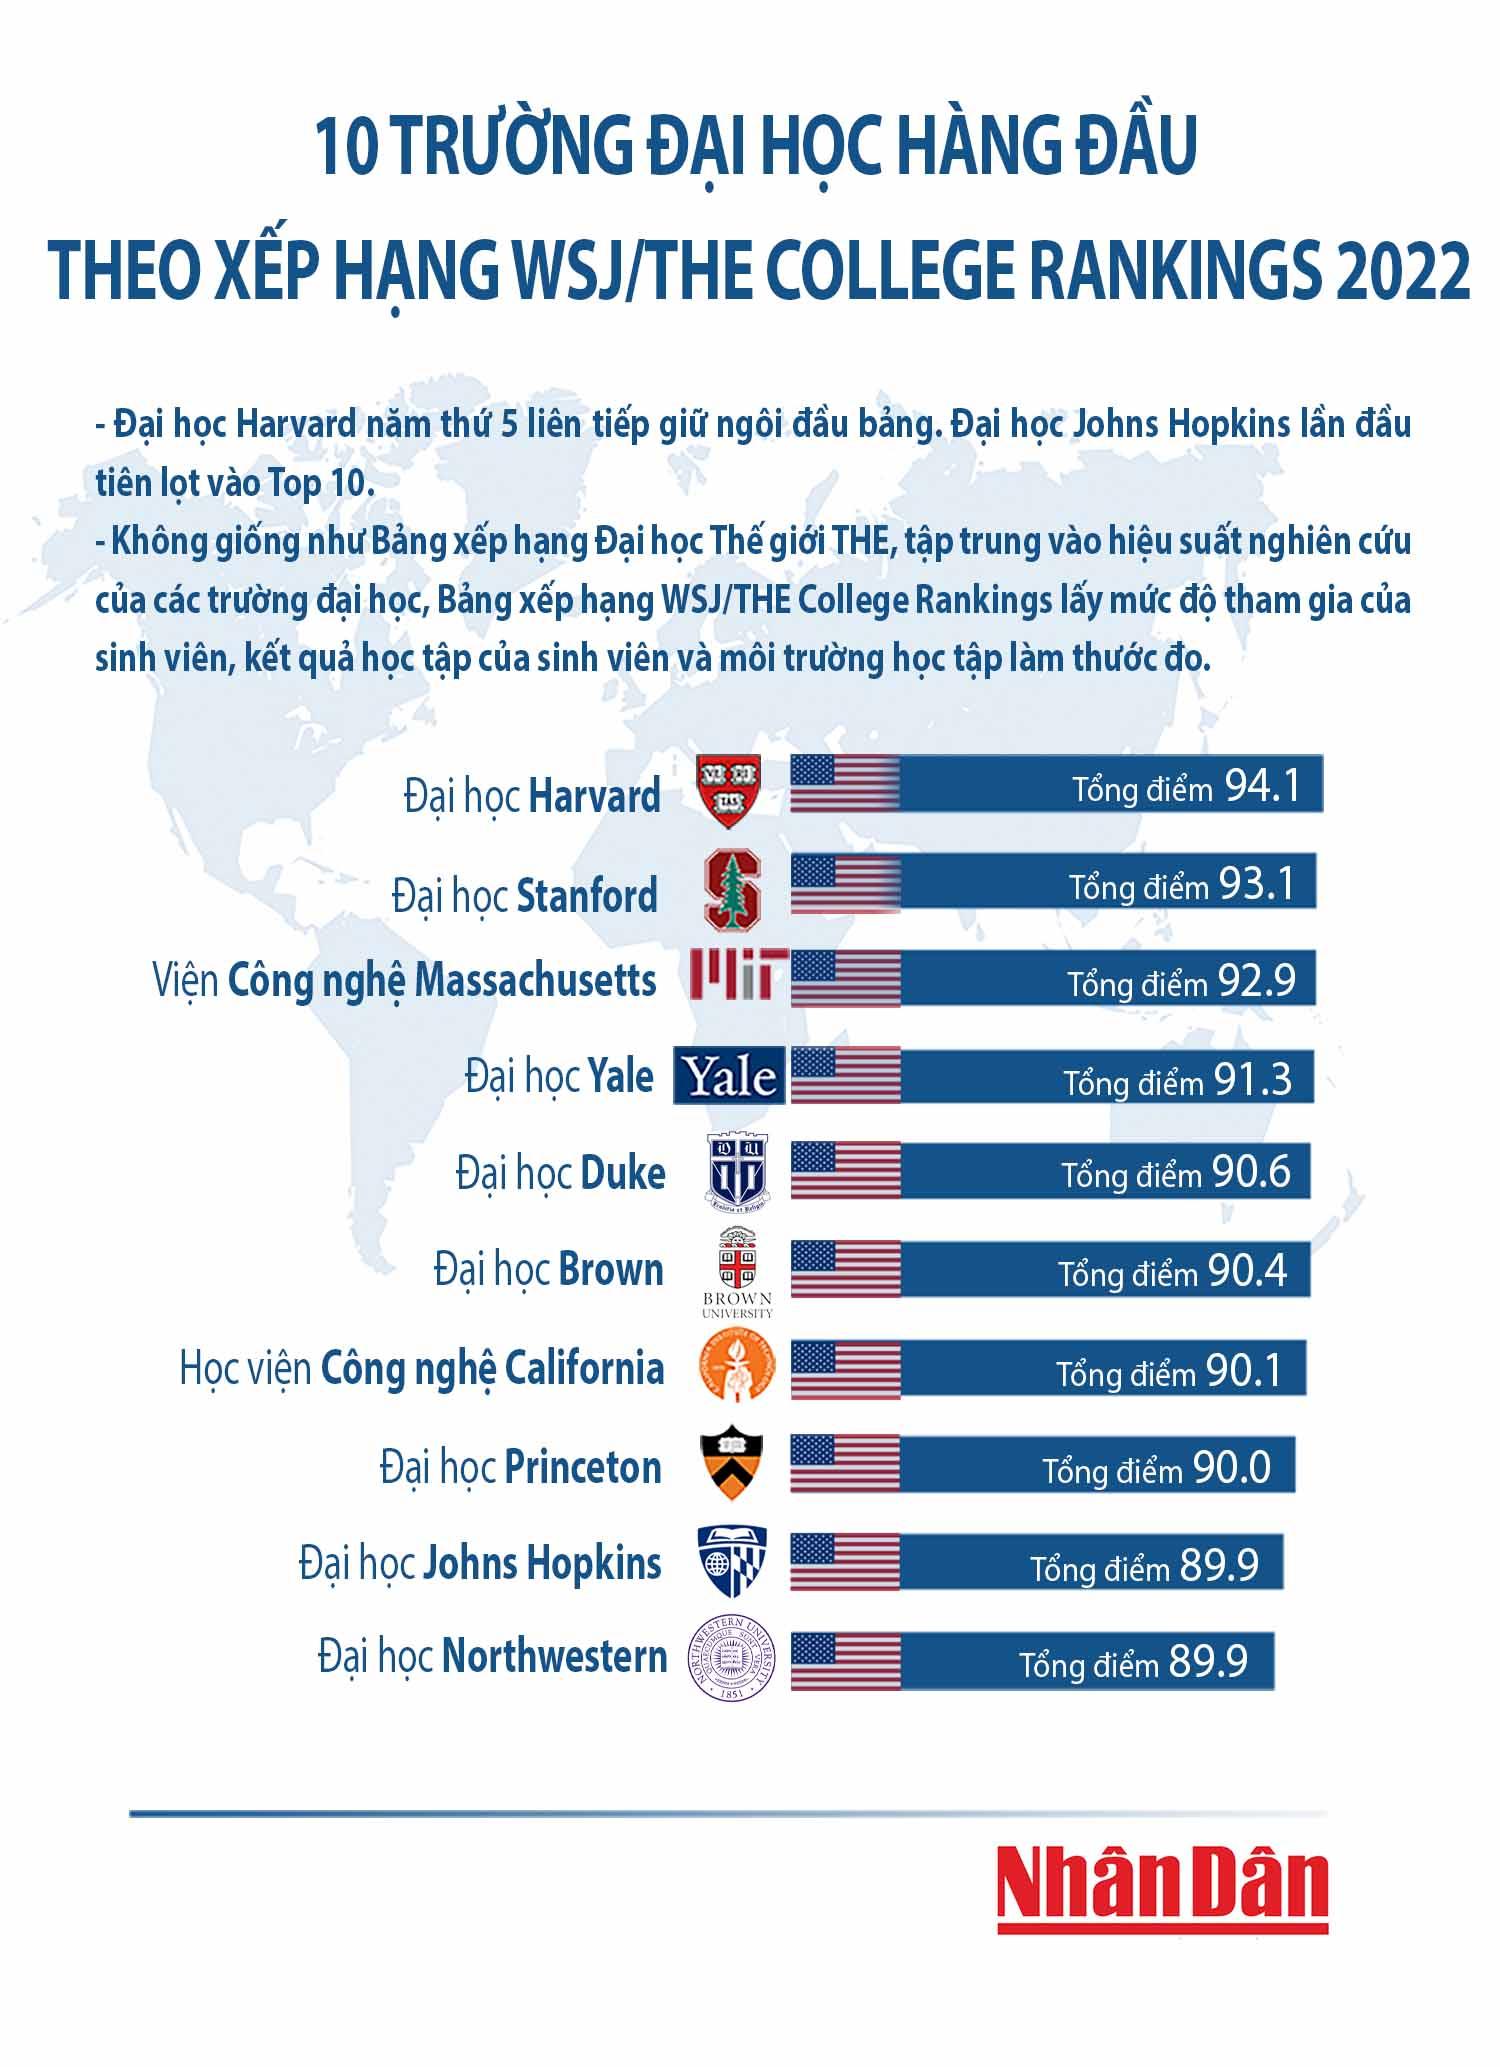 Đại học Johns Hopkins lần đầu tiên lọt vào Top 10 bảng xếp hạng WSJ/THE College Rankings -0